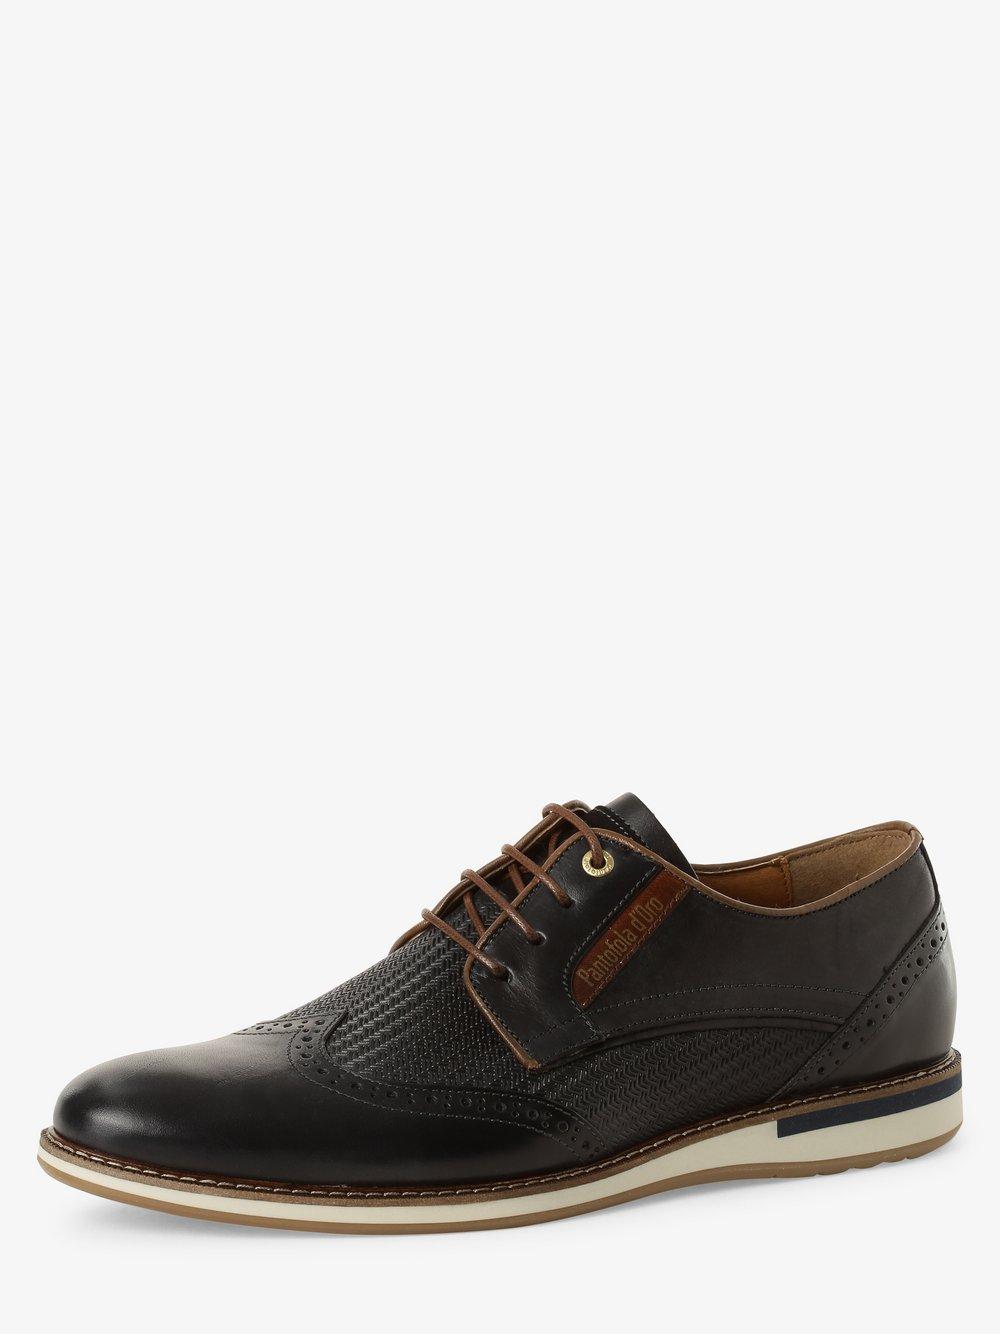 Pantofola d'Oro – Męskie buty sznurowane ze skóry, niebieski Van Graaf 466217-0001-00420